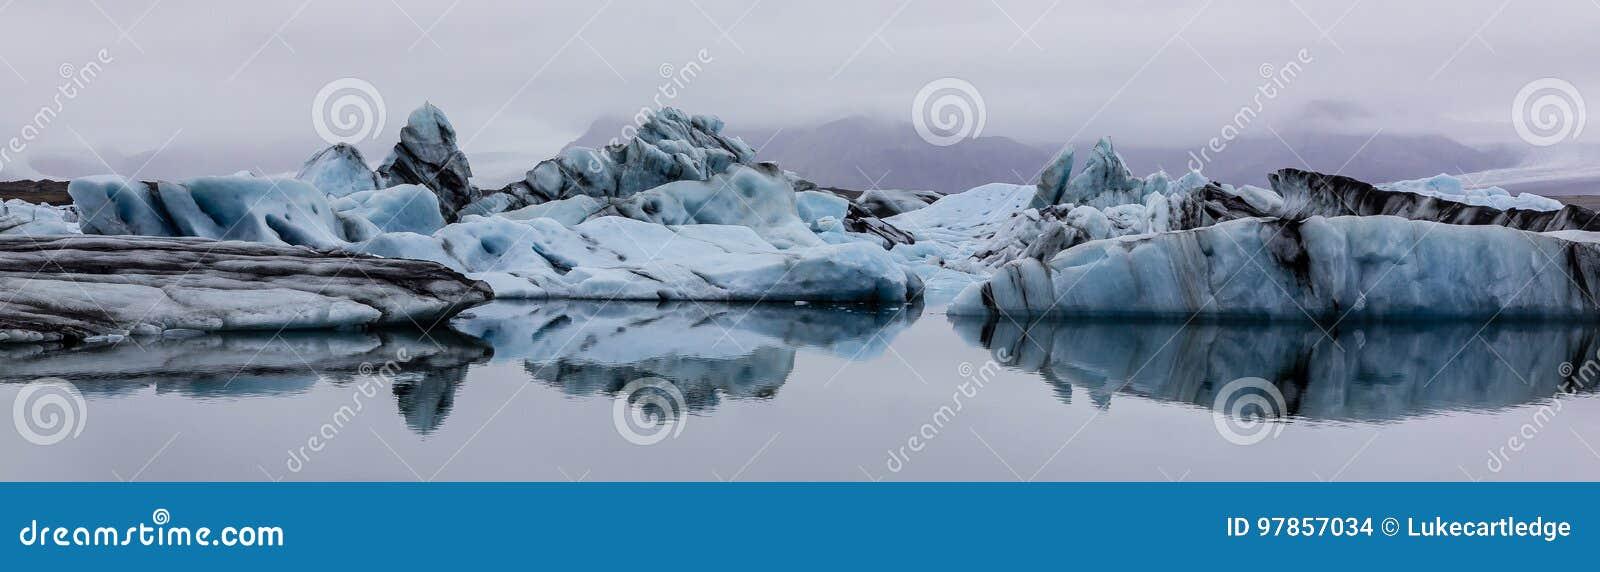 Πανόραμα των παγόβουνων στη λίμνη Jokulsarlon, νότια Ισλανδία